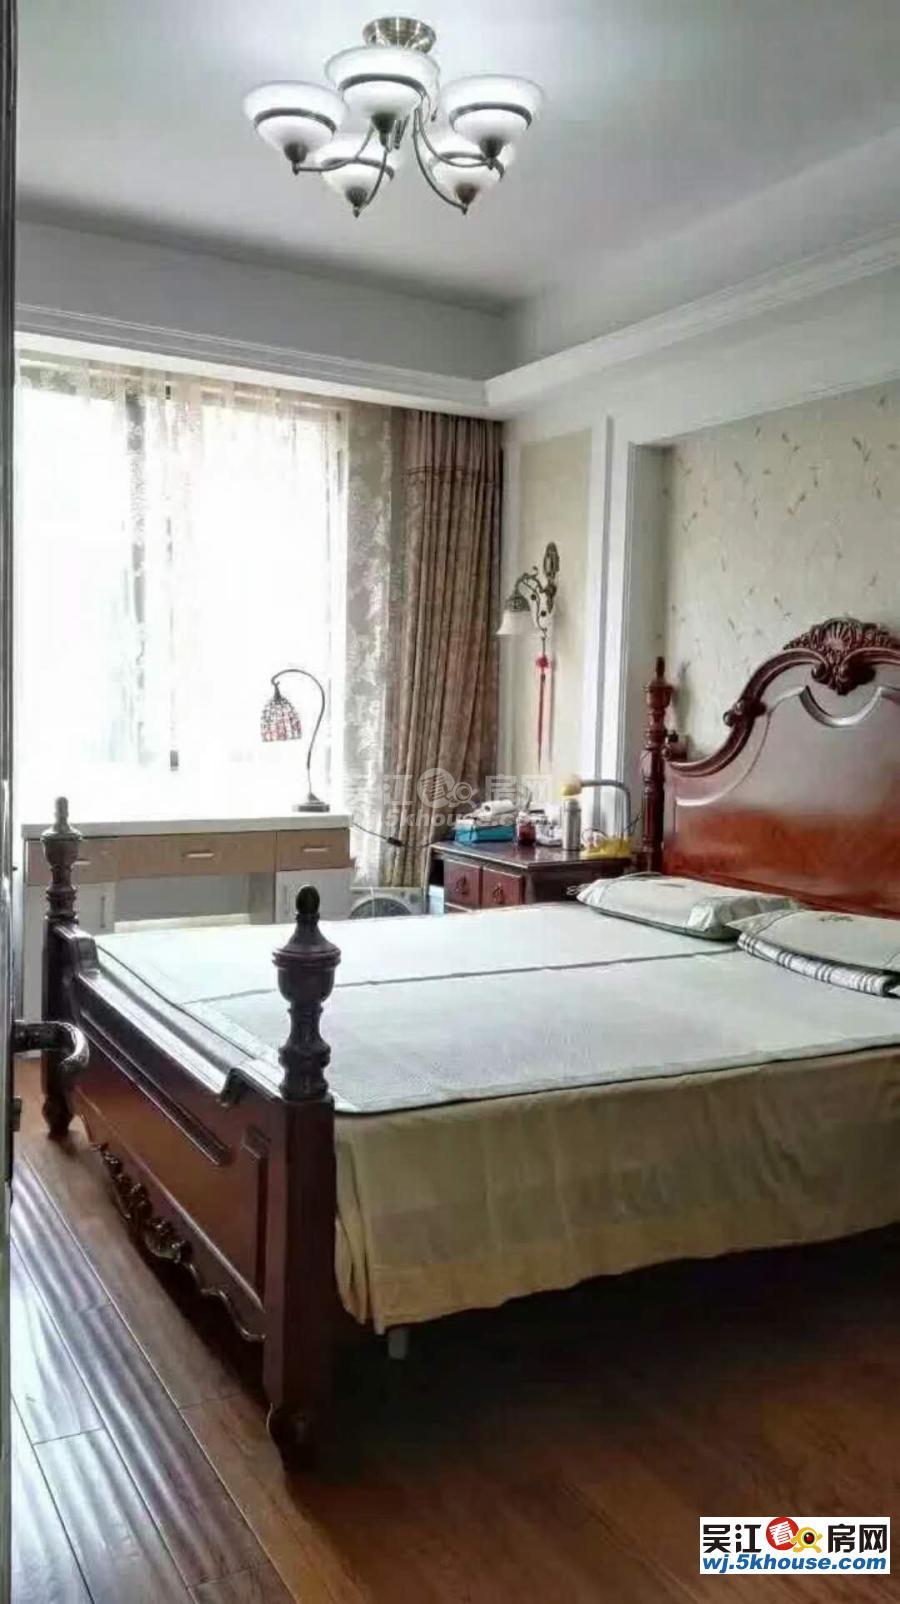 太湖花园小区一楼、二楼纯复试, 358万 5室3厅3卫 豪华装修 周边配套完善